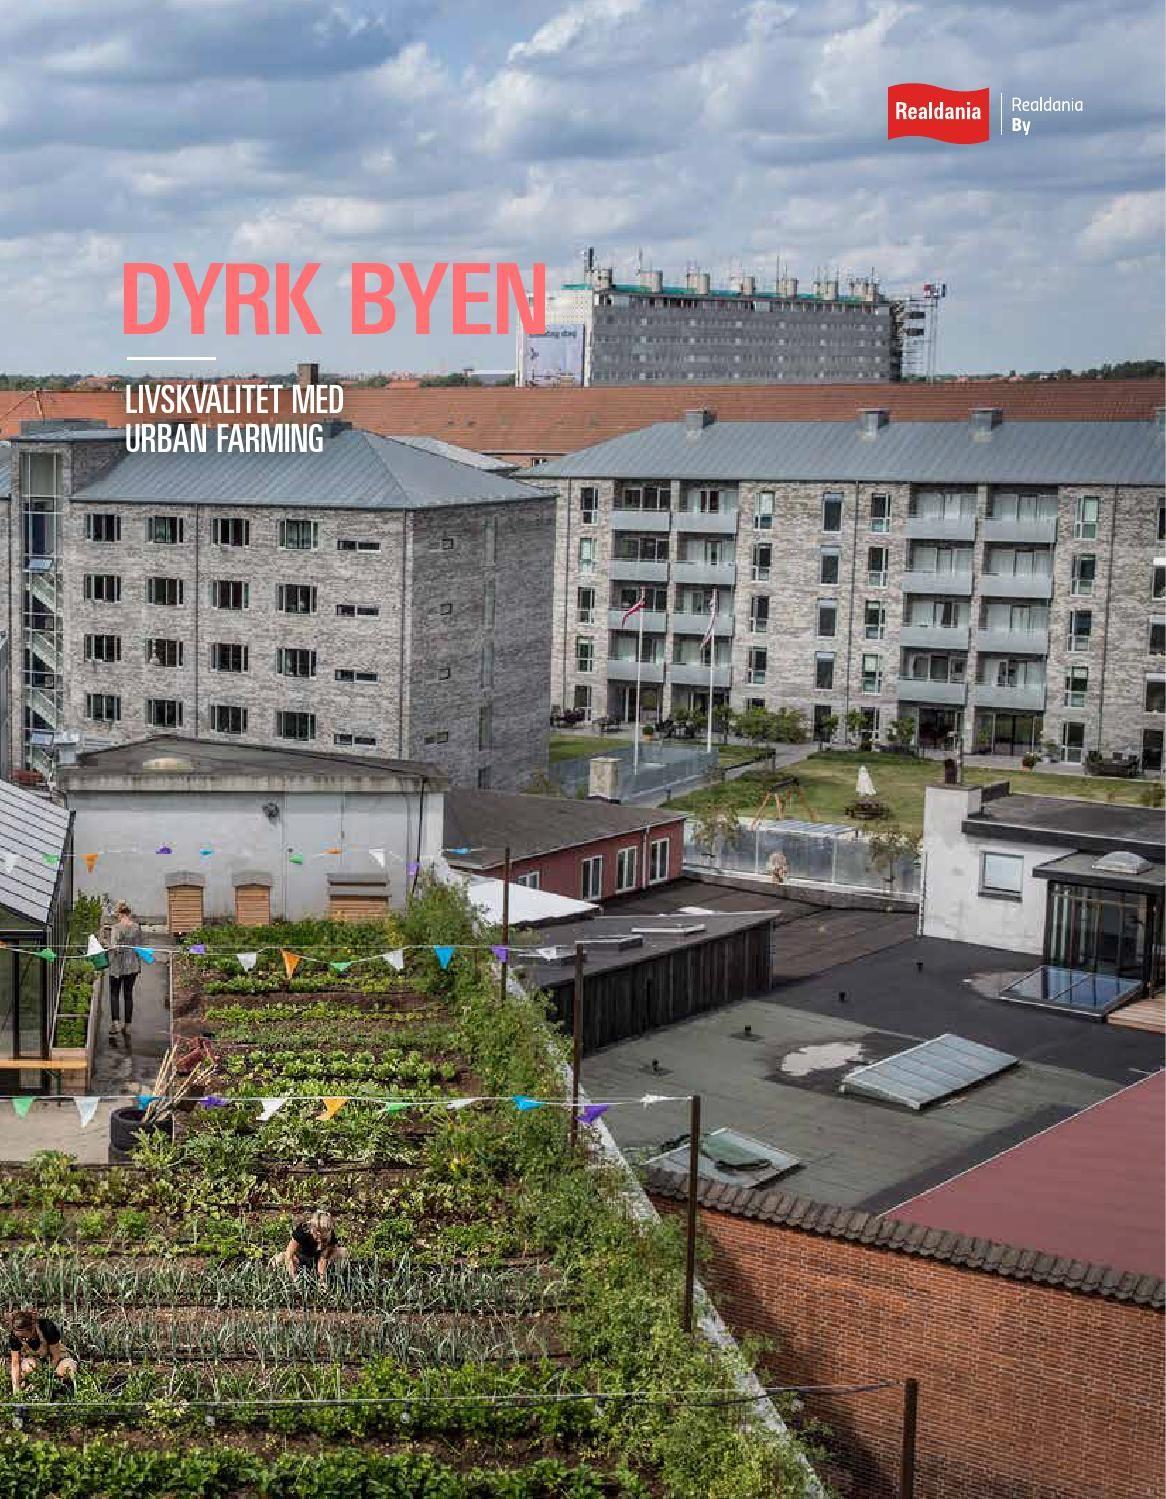 """Inspirationshæftet """"Livskvalitet med urban farming"""" handler om urban farmings mange varianter og om, hvordan urban farming kan skabe bedre byer med mere livskvalitet for den enkelte. Kataloget er udarbejdet i samarbejde med SLA."""